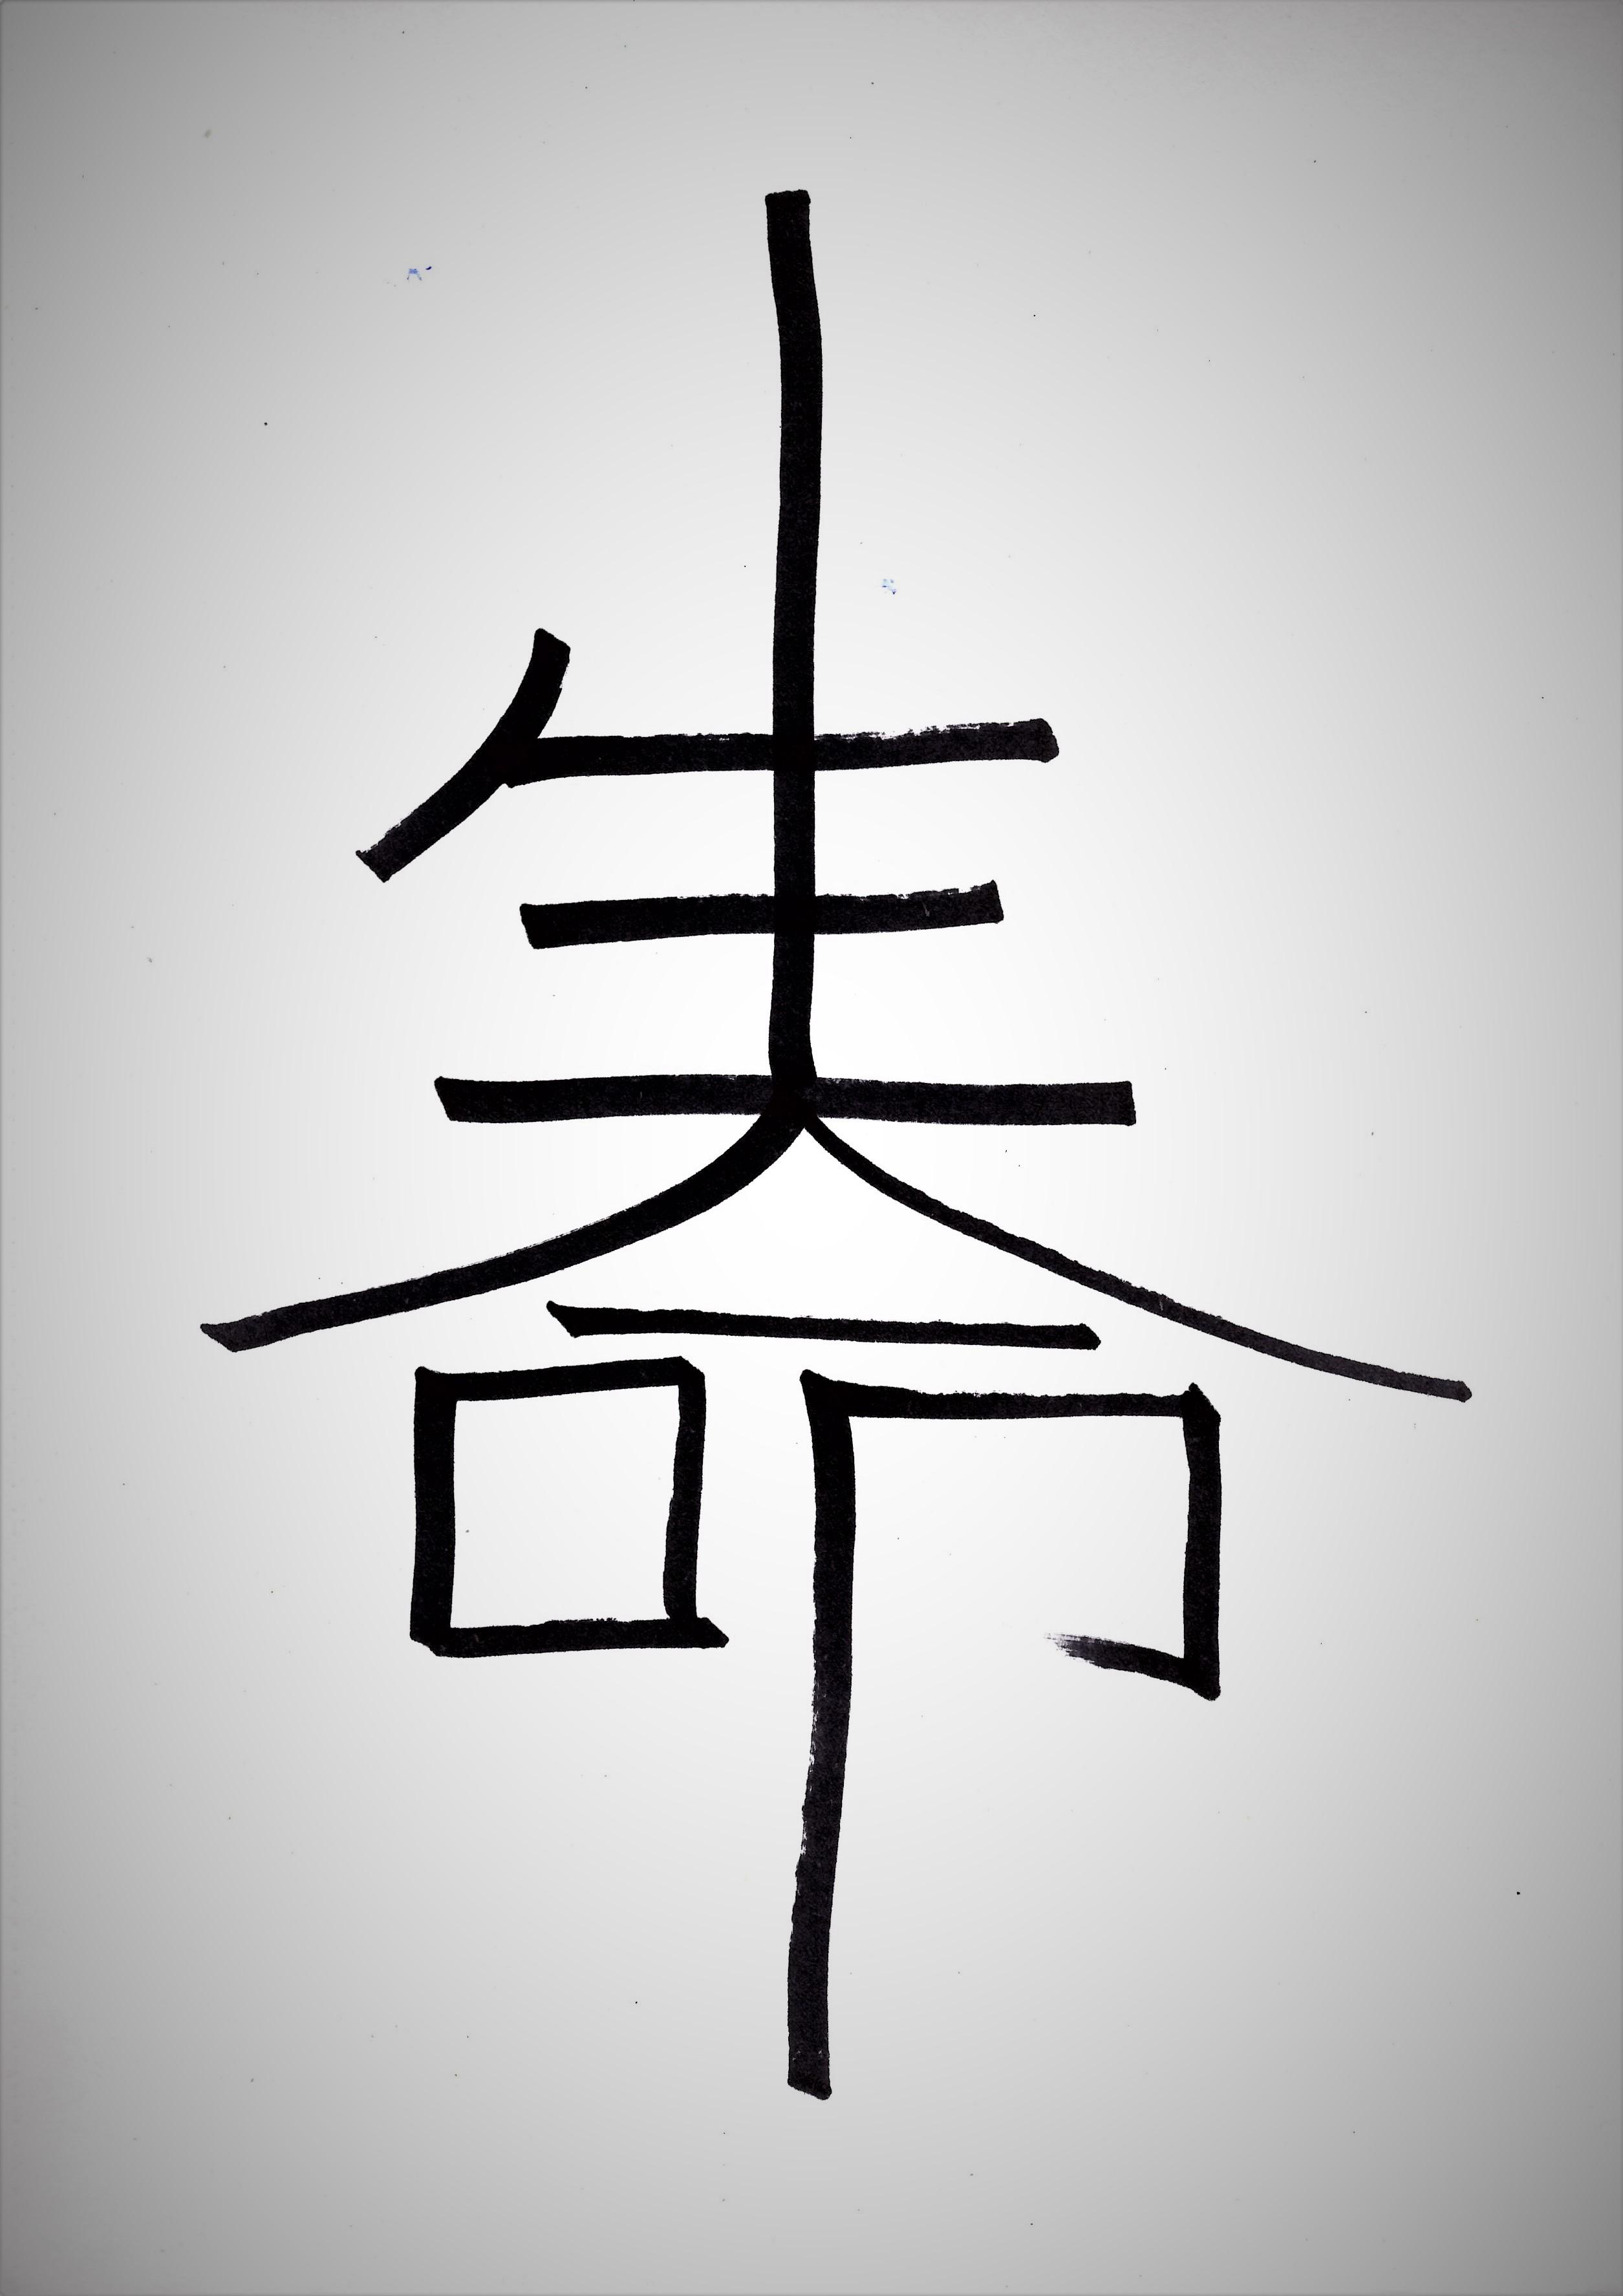 01 - 生命 (Life)